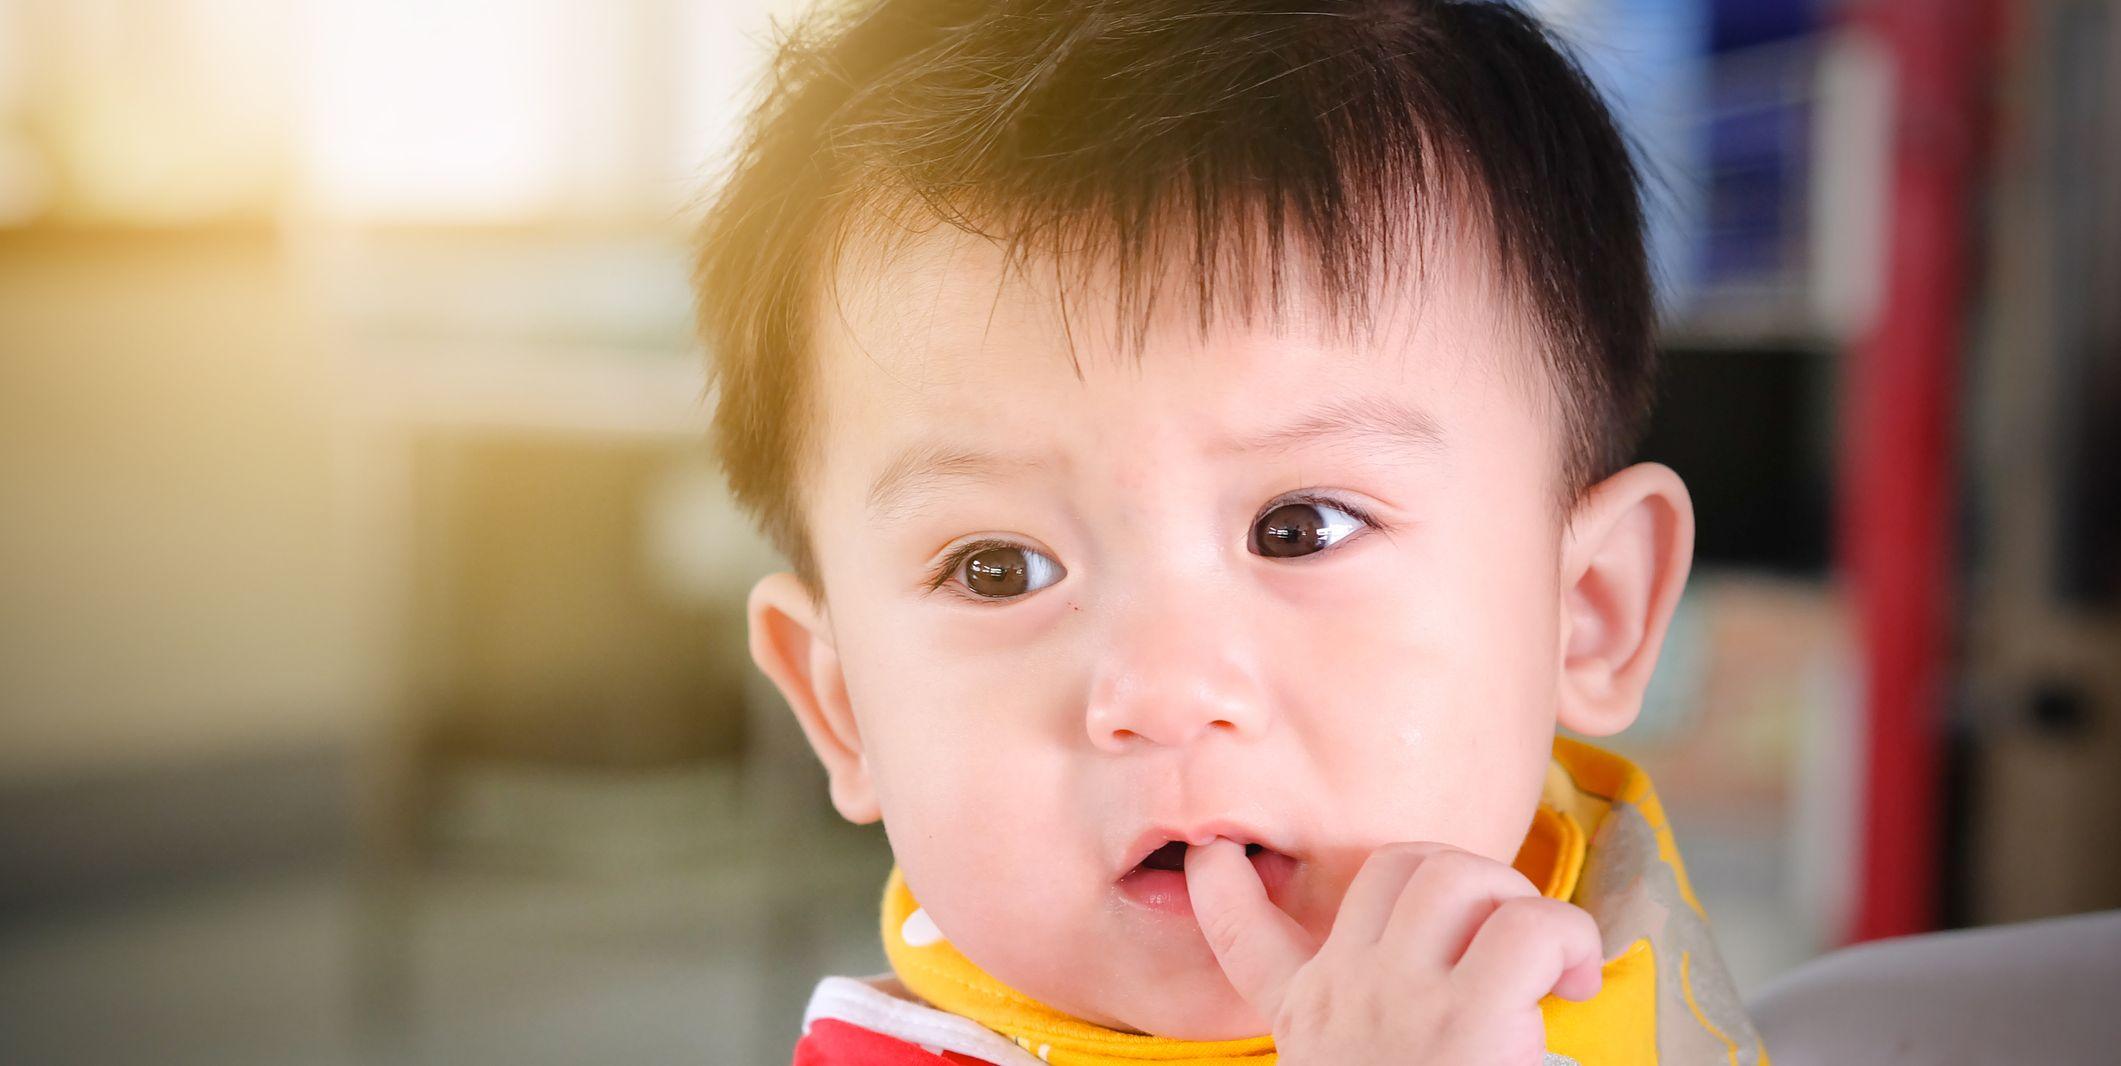 baby teething medicine dangerous